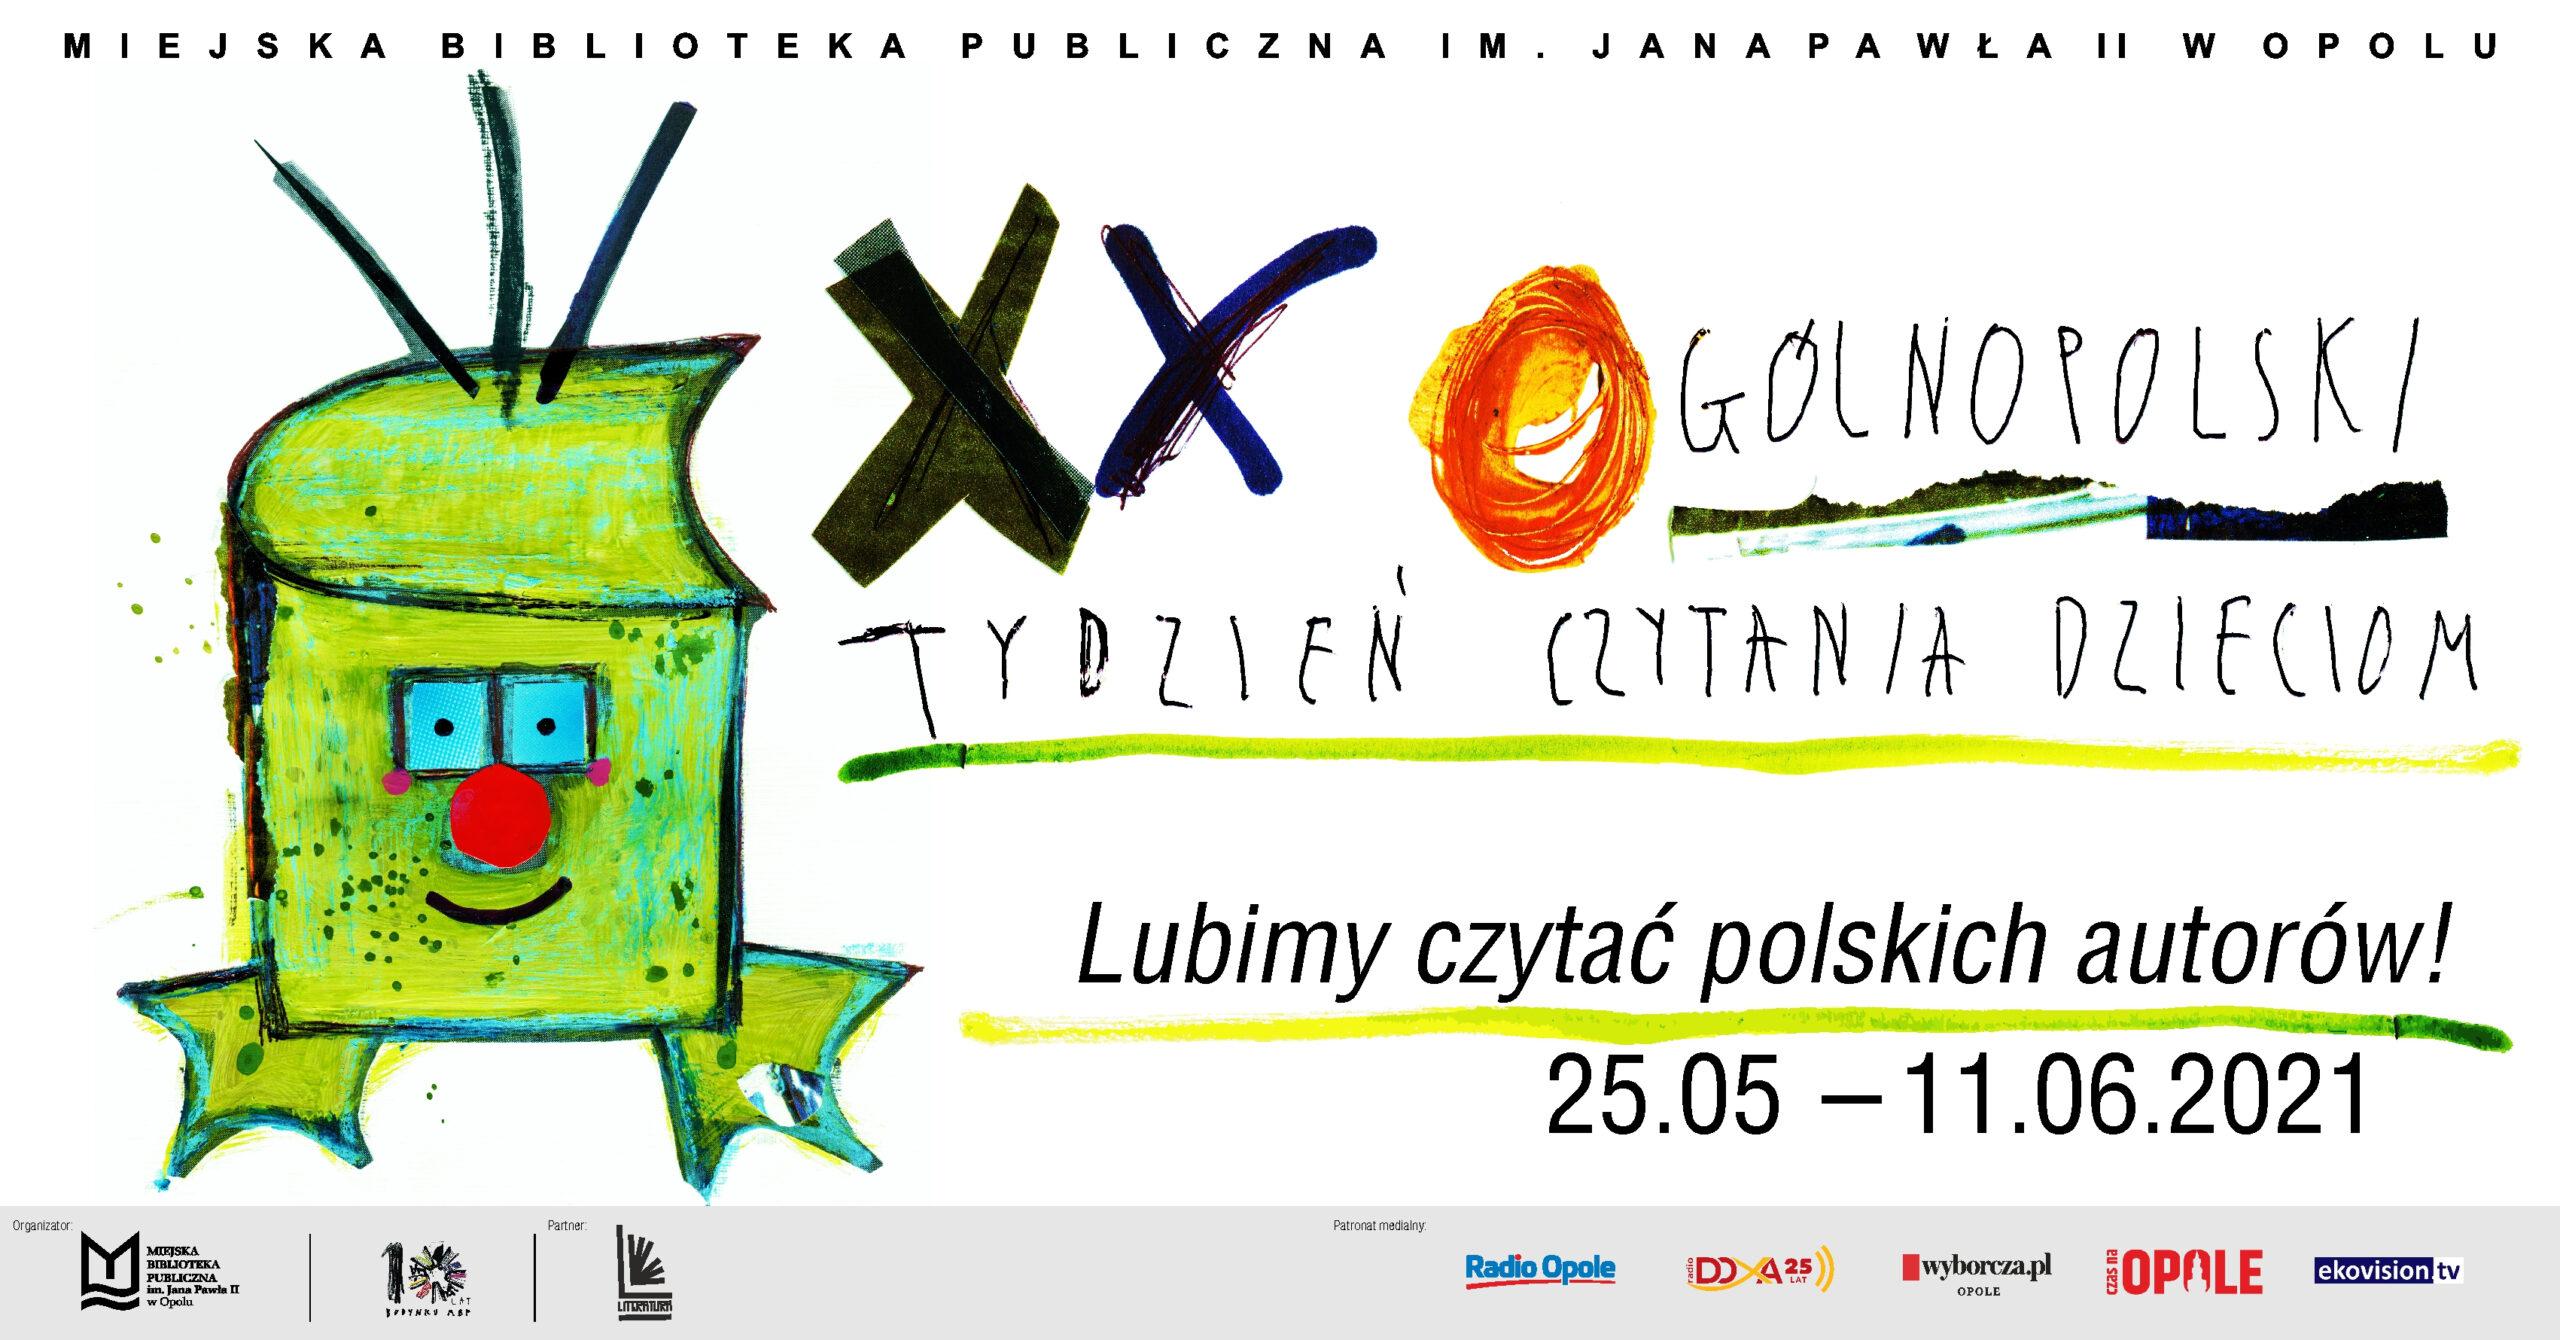 XX Ogólnopolski Tydzień Czytania Dzieciom – Lubimy czytać polskich autorów!